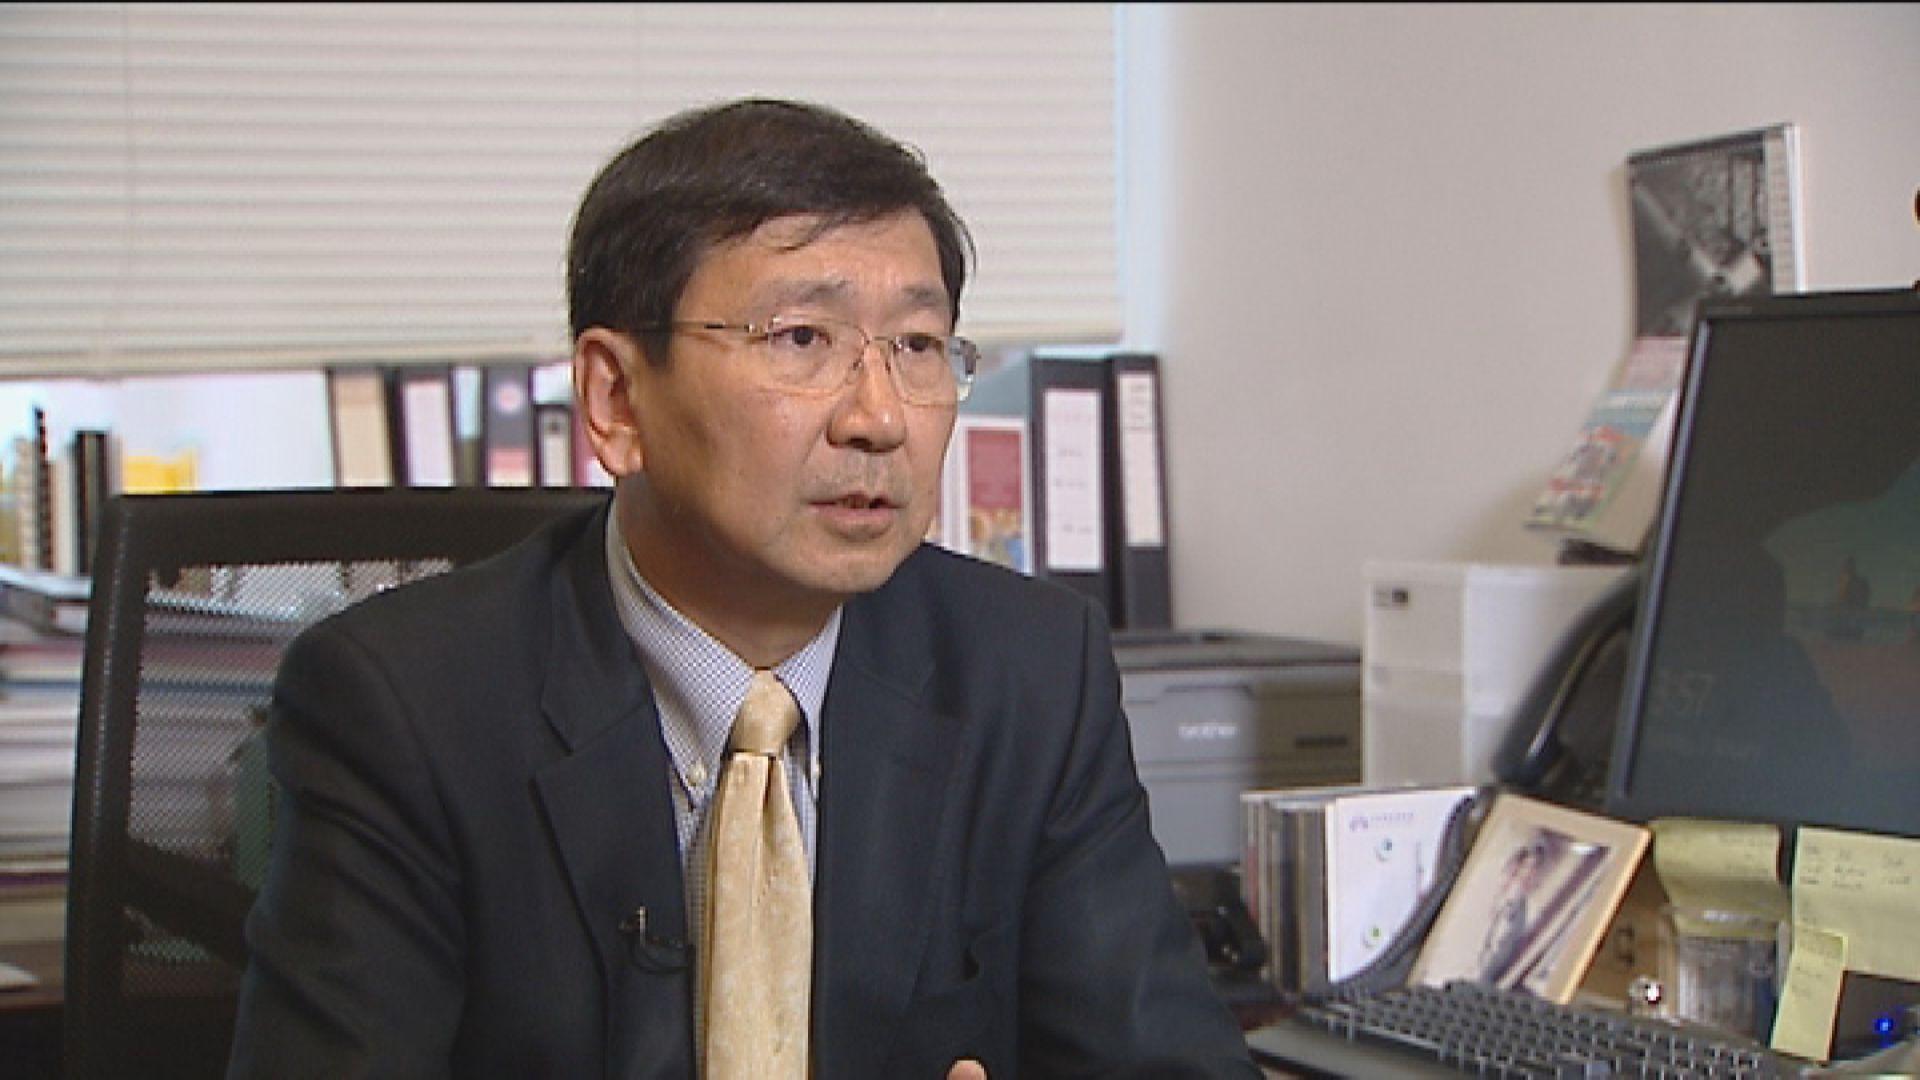 陳文敏:刑事案從法官管轄範圍剔除損司法獨立